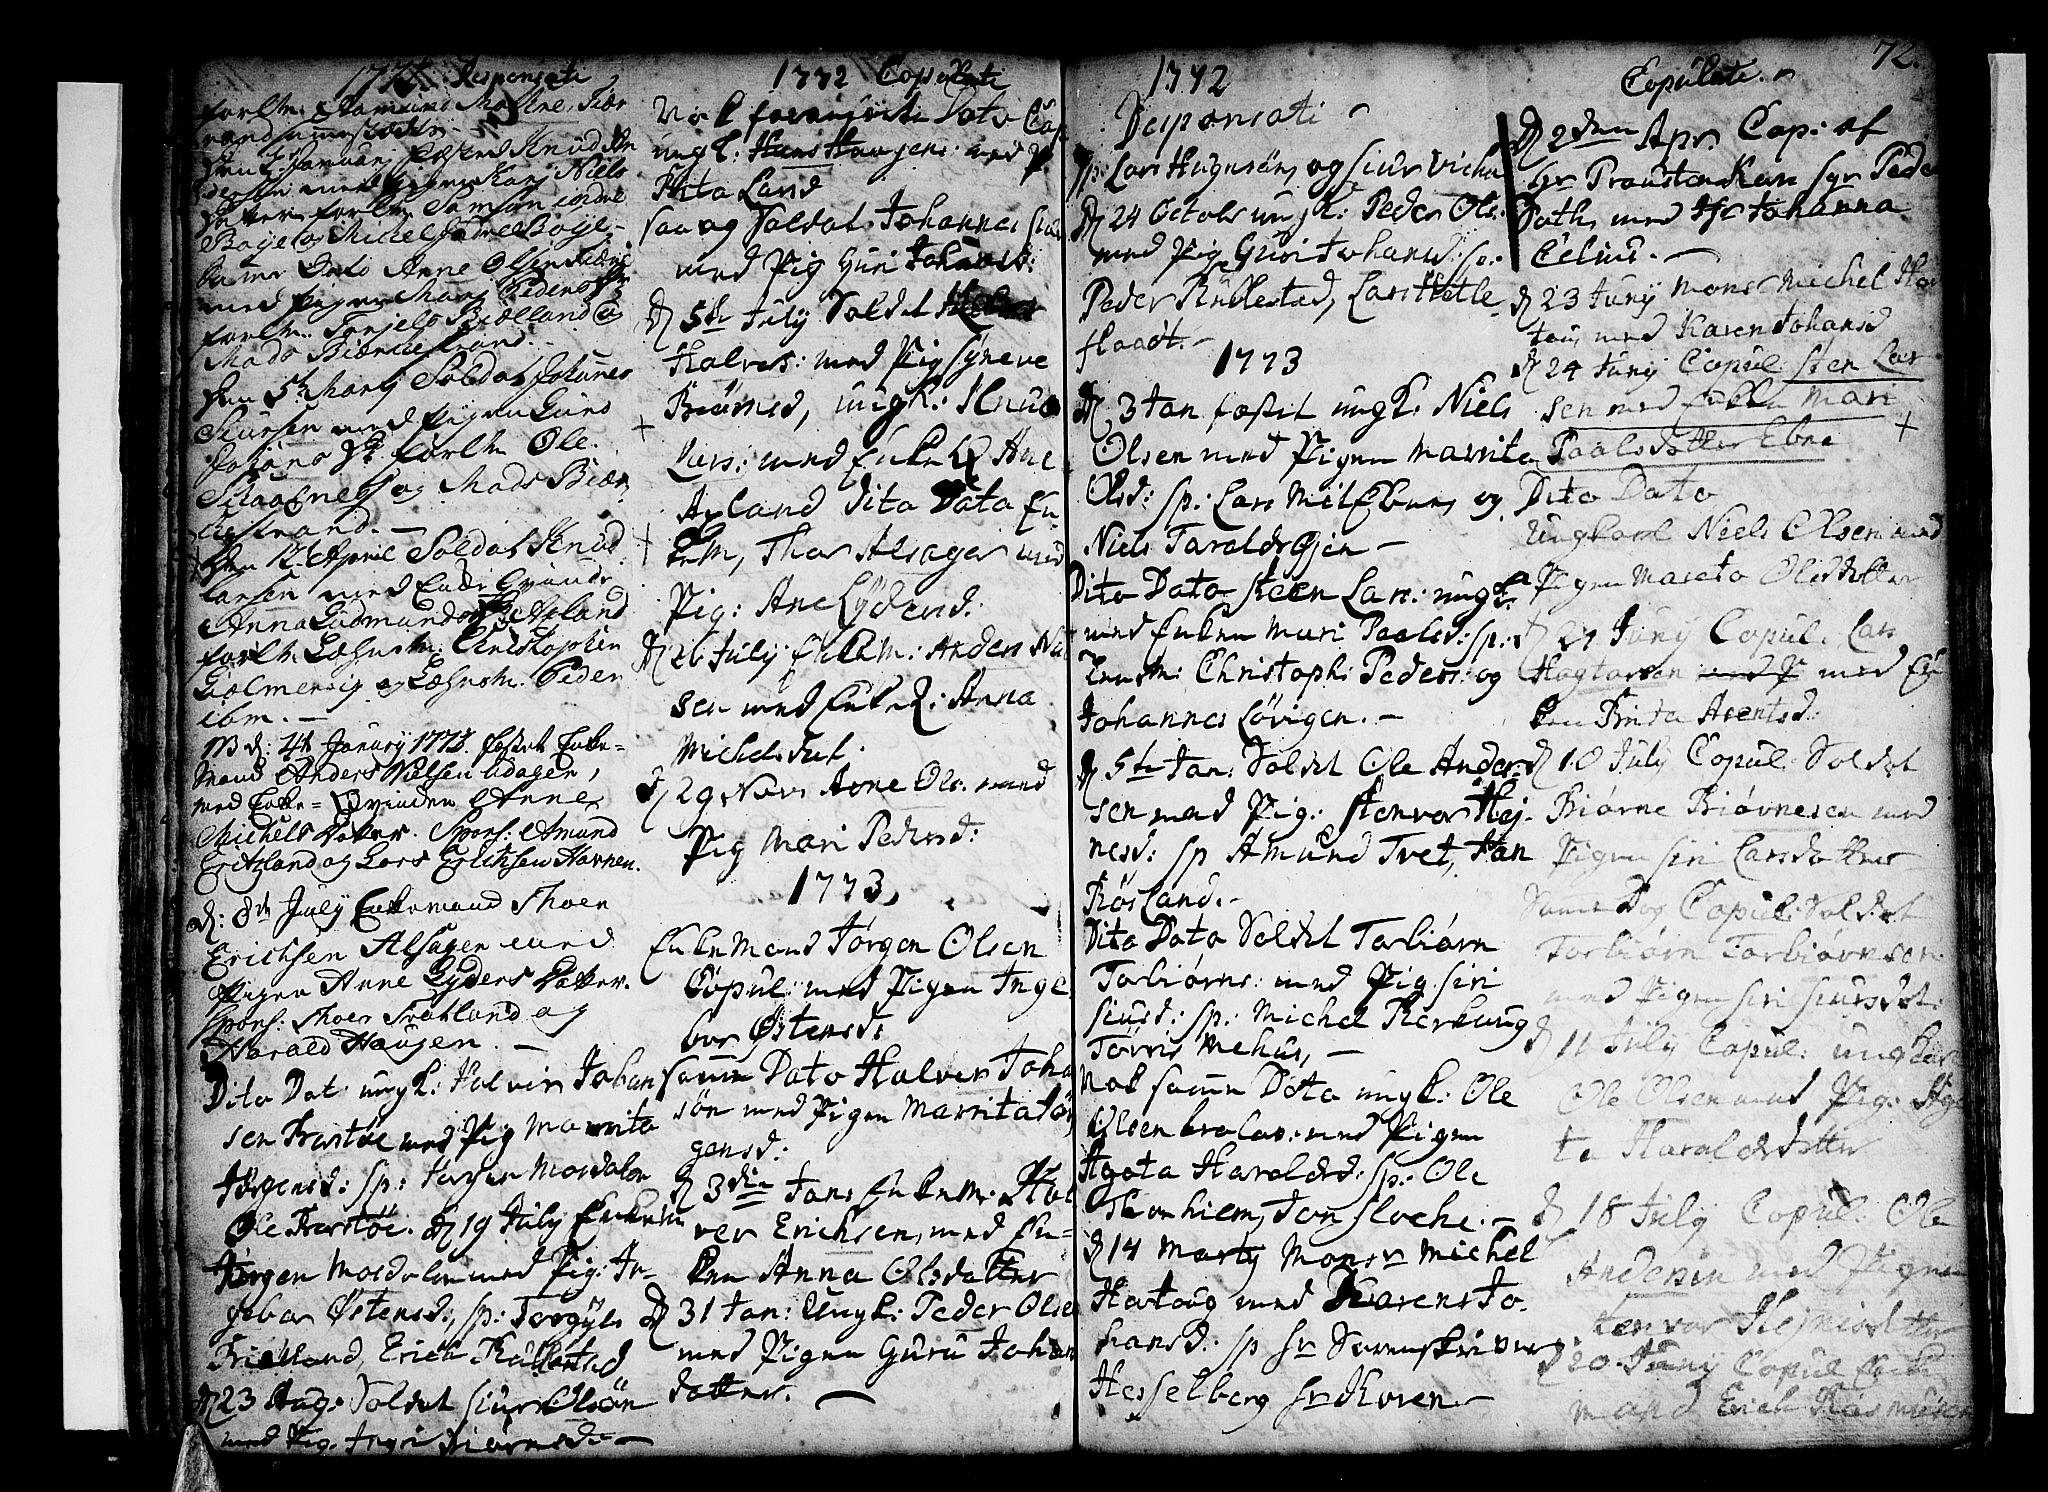 SAB, Skånevik Sokneprestembete, H/Haa: Ministerialbok nr. A 1, 1745-1789, s. 72